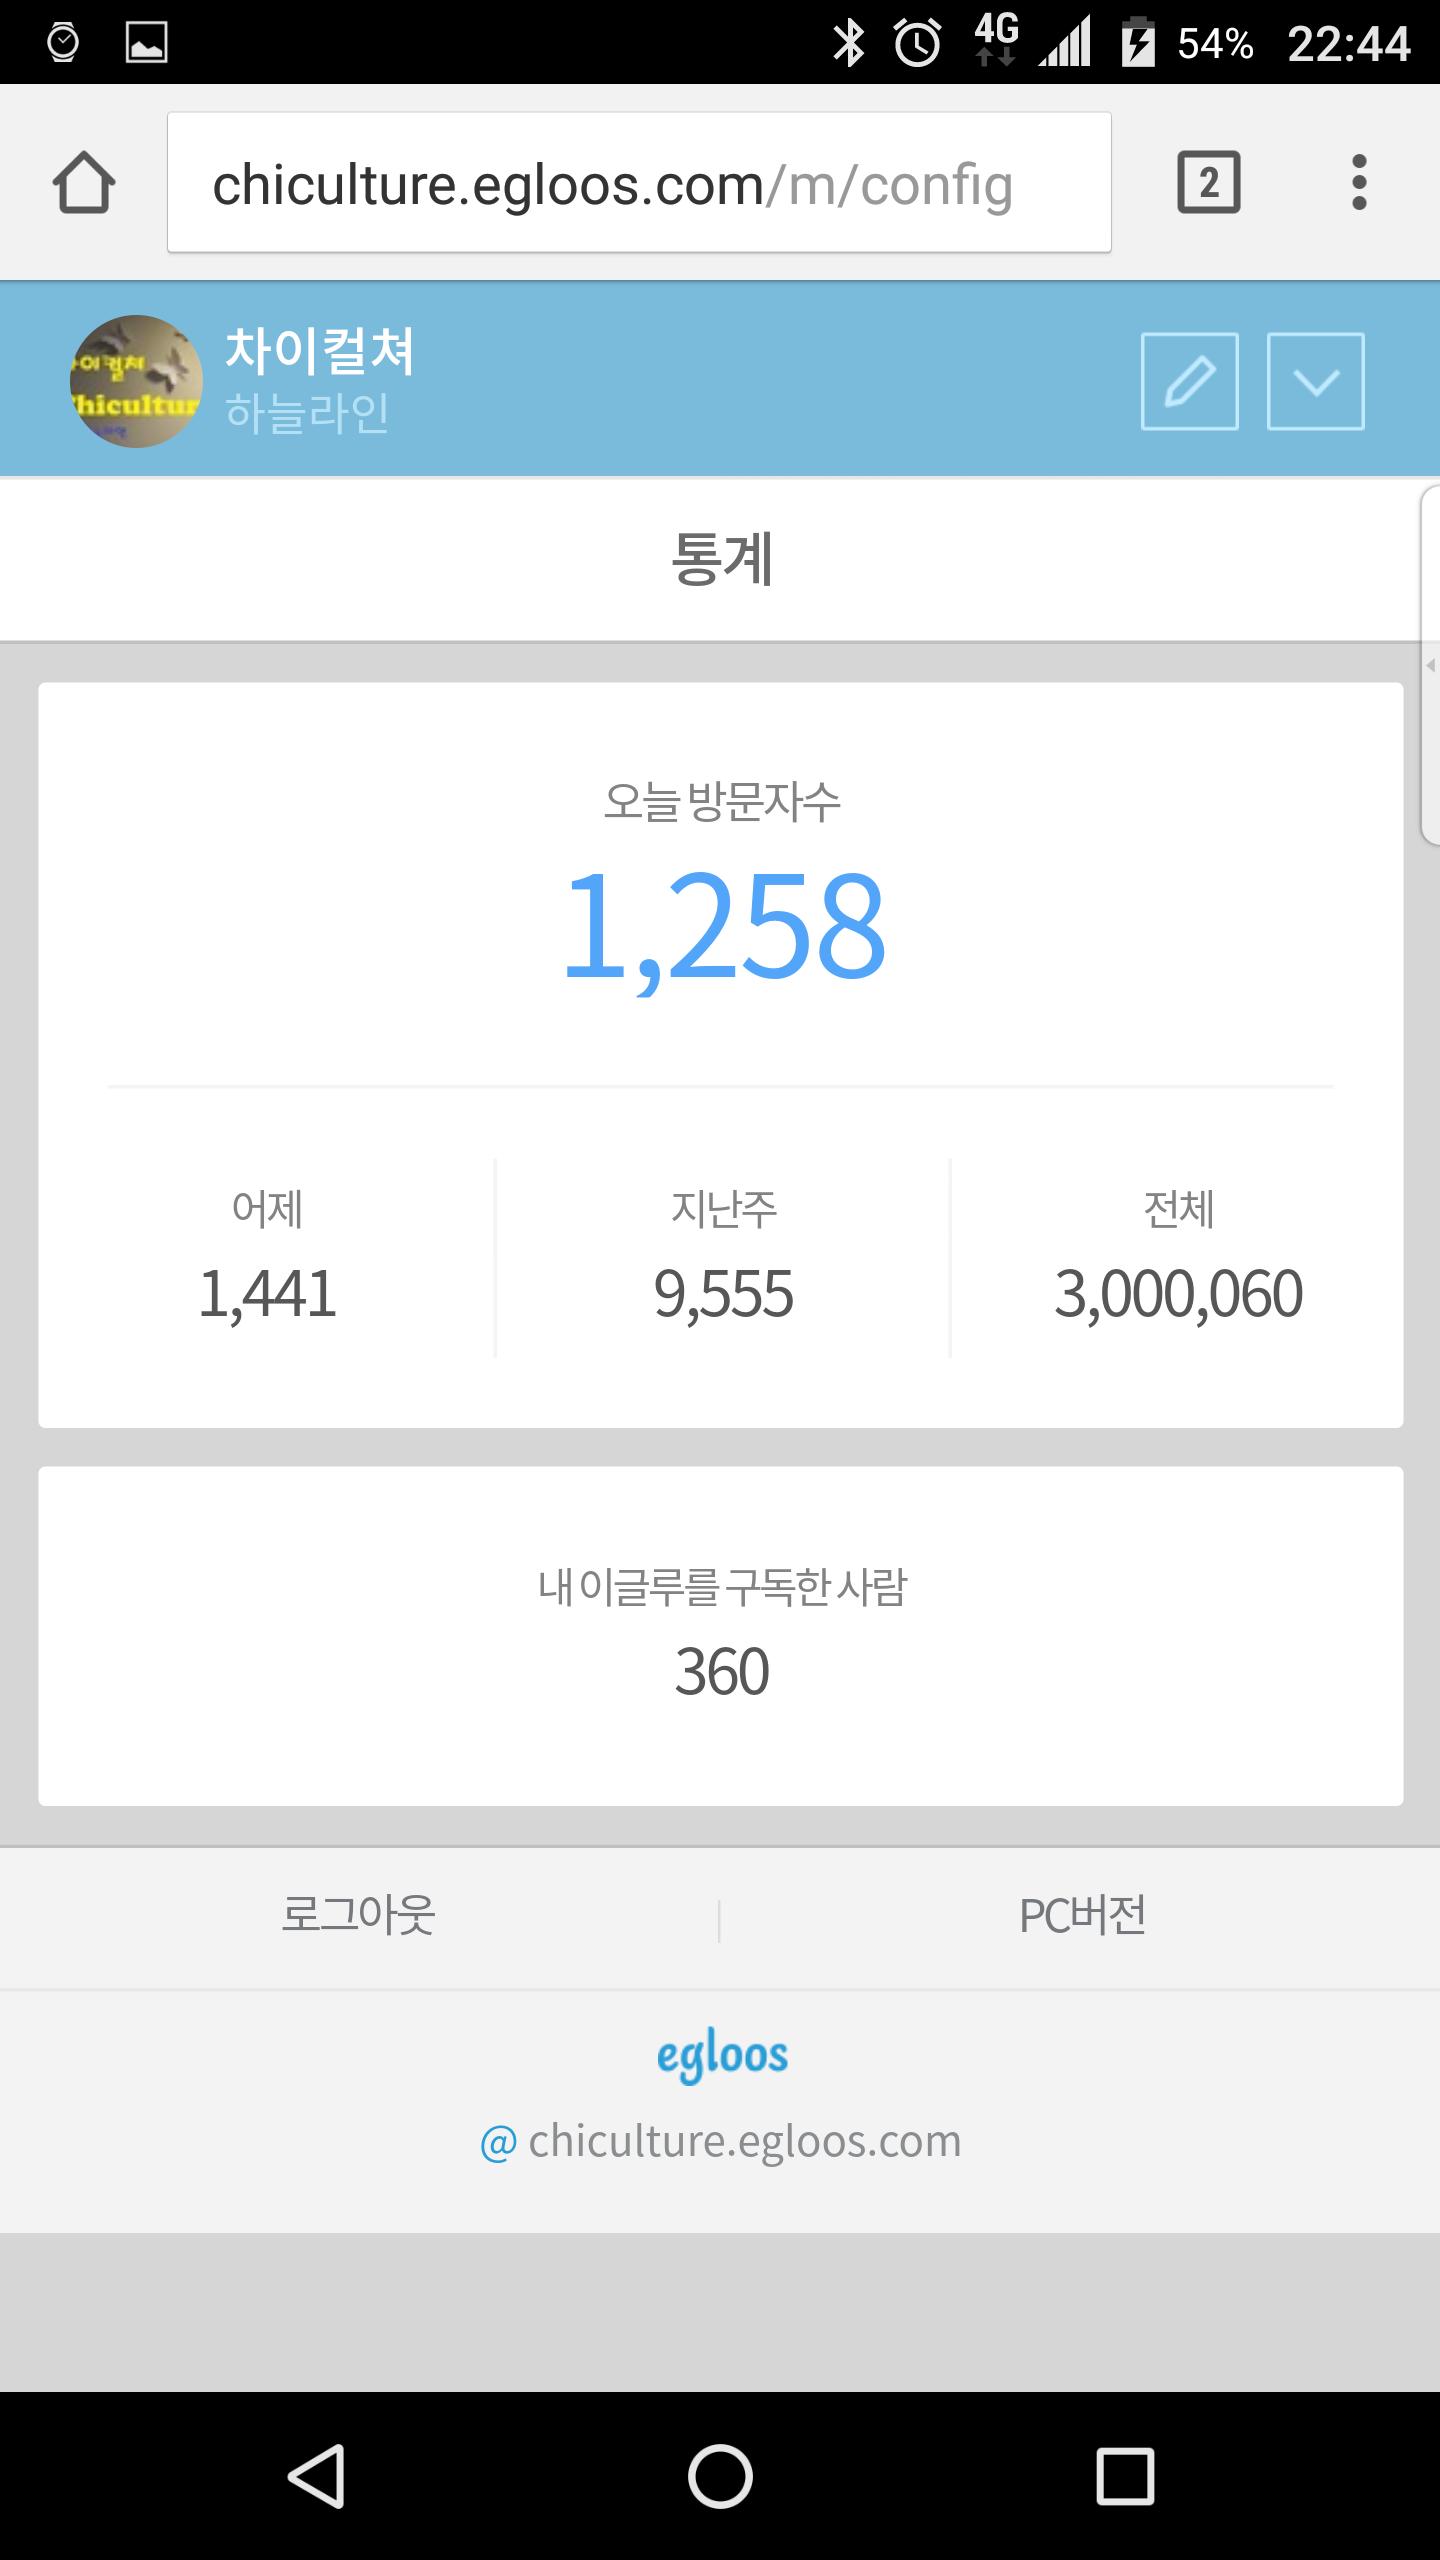 차이컬쳐 3백만 누적방문 감사합니다.